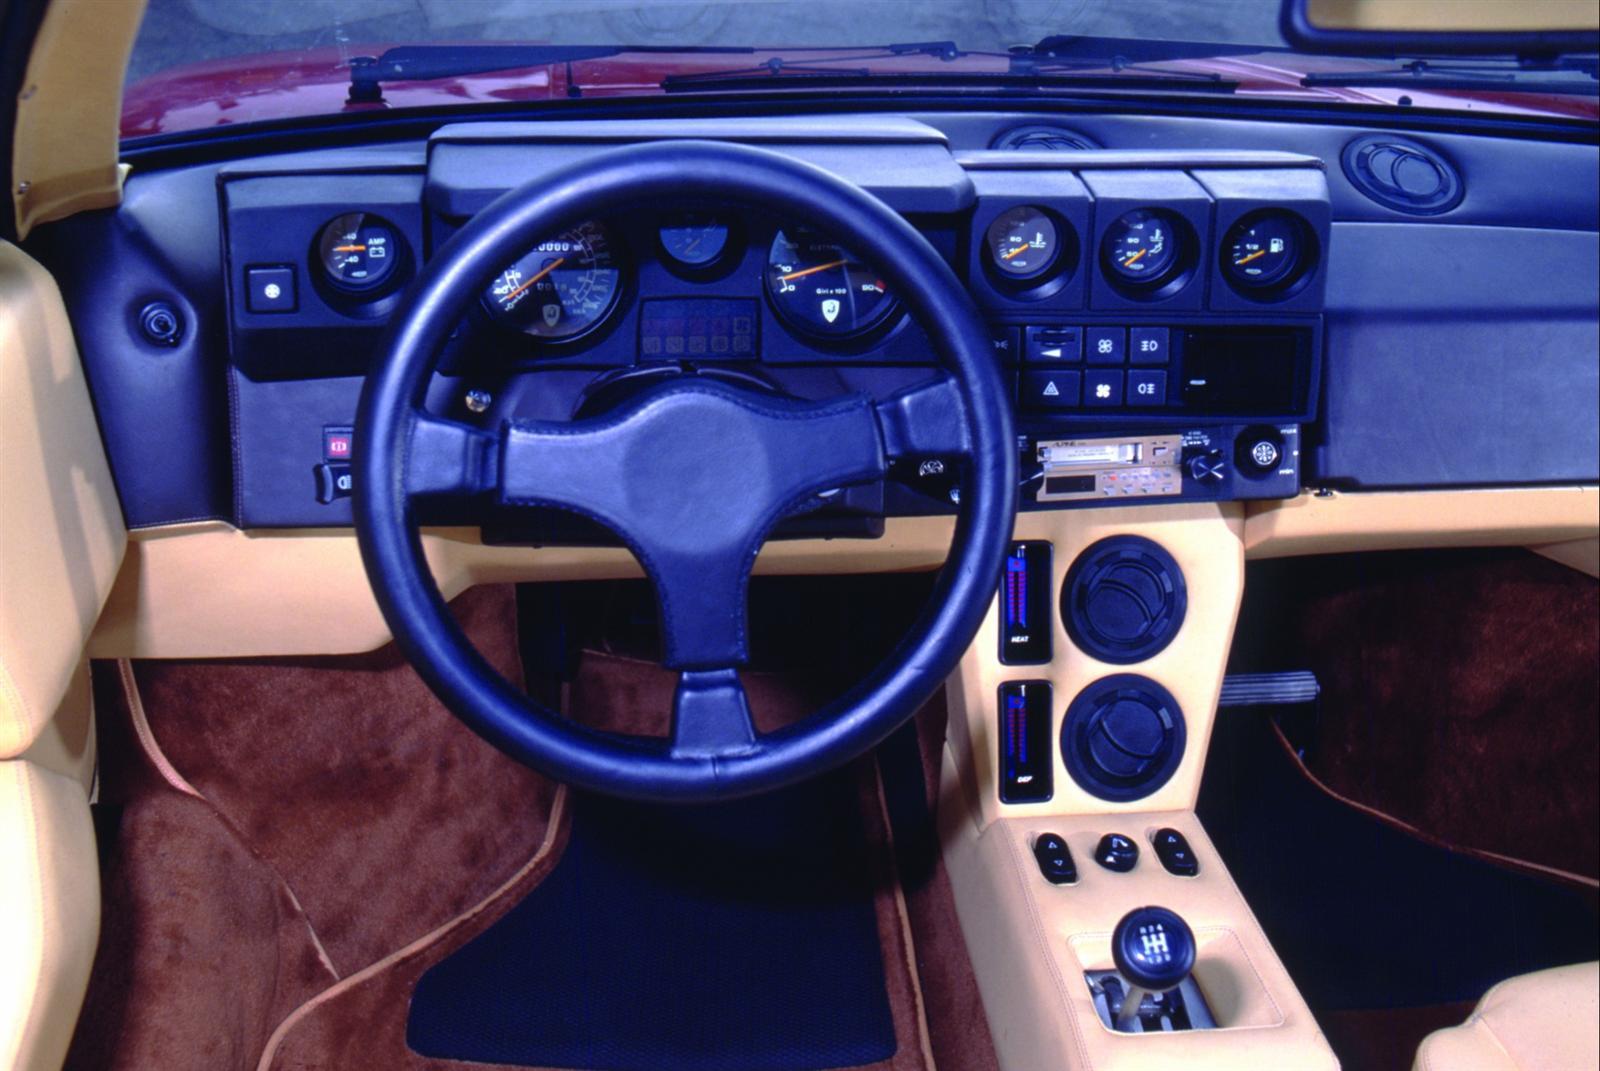 https://www.conceptcarz.com/images/Lamborghini/1981-Lamborghini-Jalpa-Coupe-Image-i01-1600.jpg